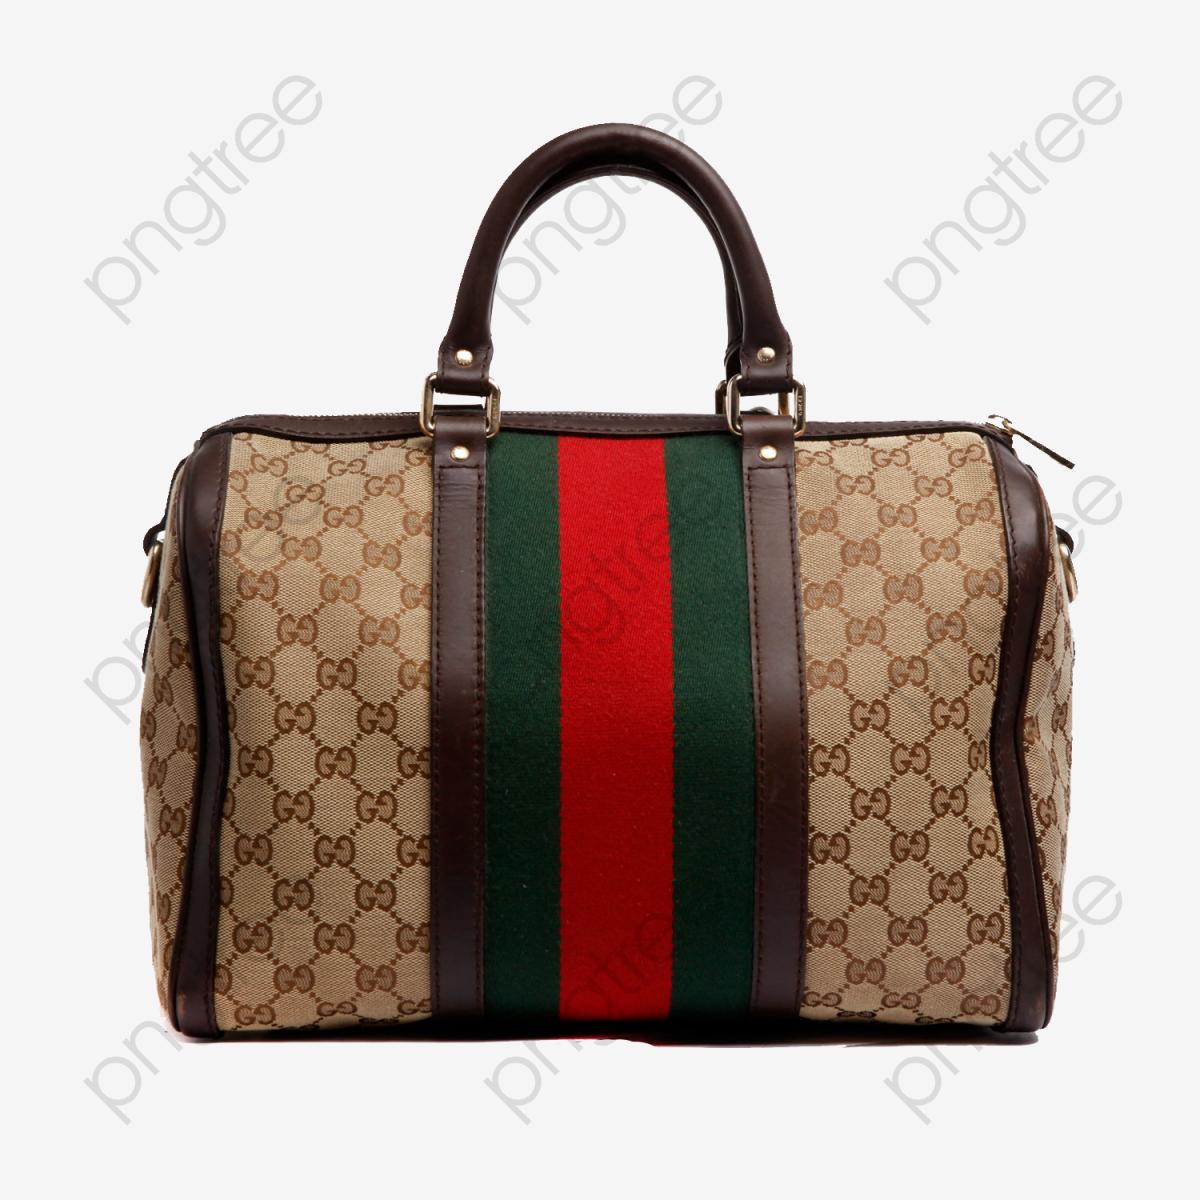 Download Free png Gucci Classic Handbag Bag, Bag Clipart.